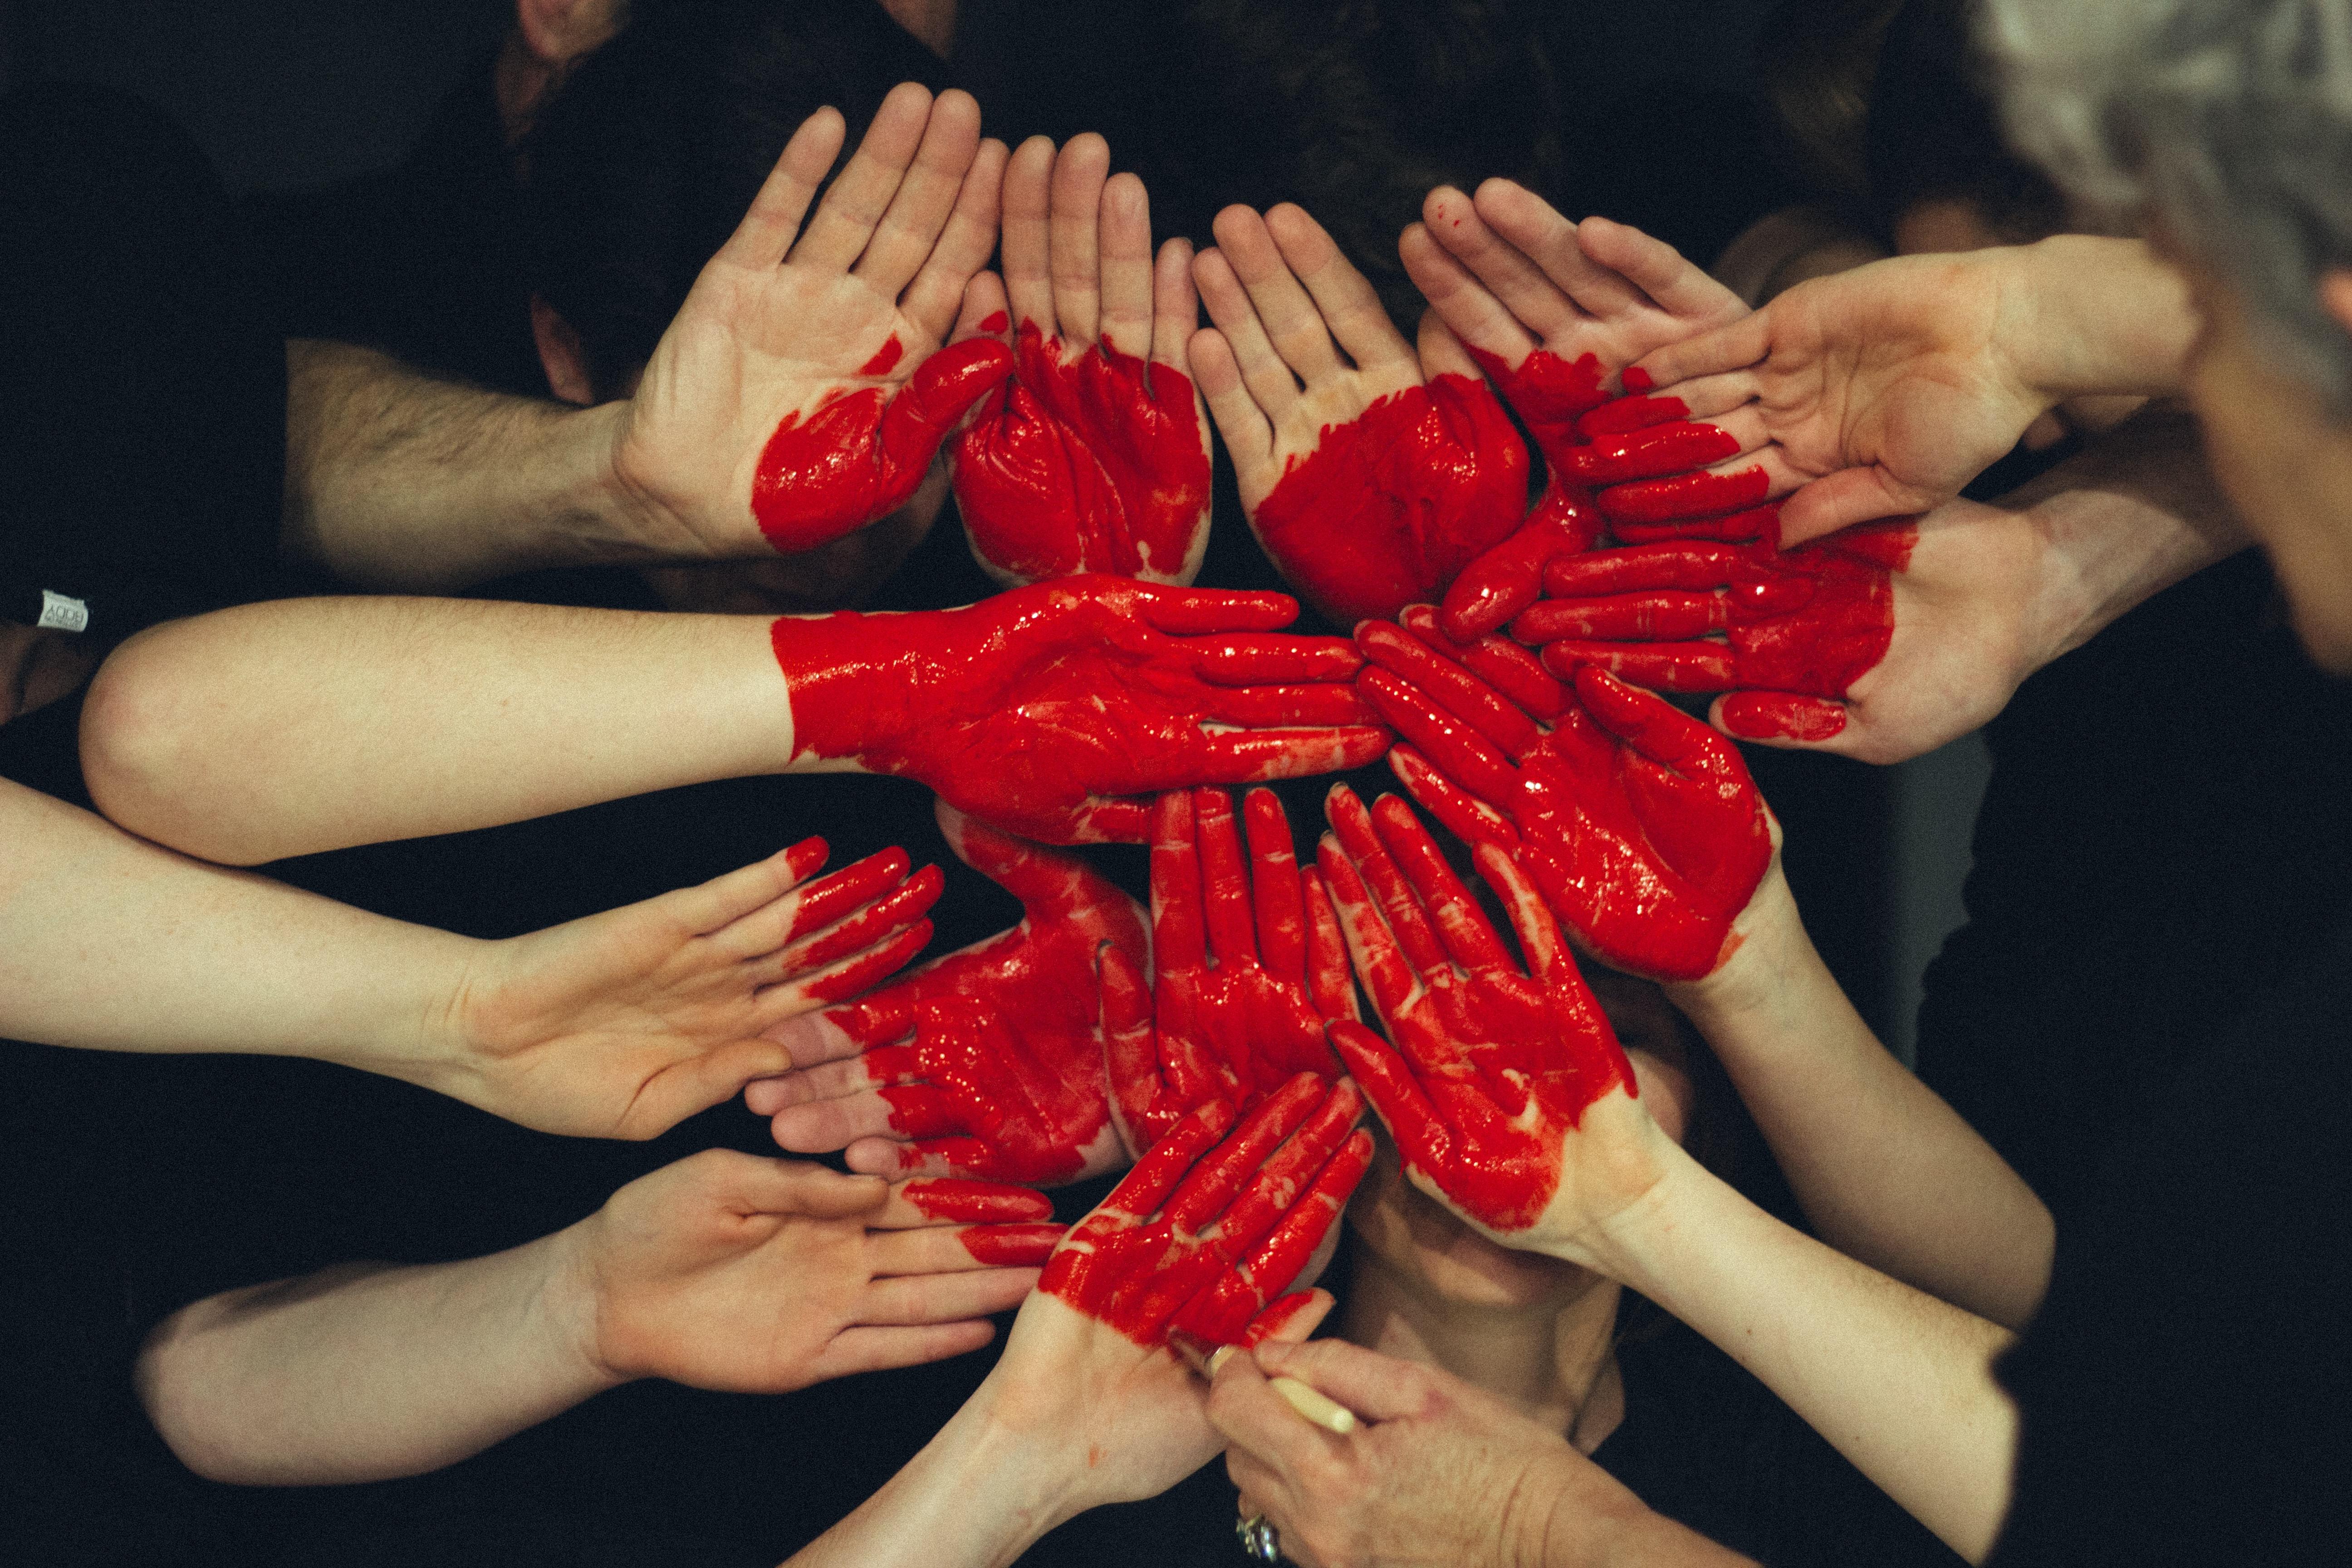 Zahlreiche Arme von Menschen sind ineinander verwoben, in Rot ist ein Herz über alle Arme gemalt.